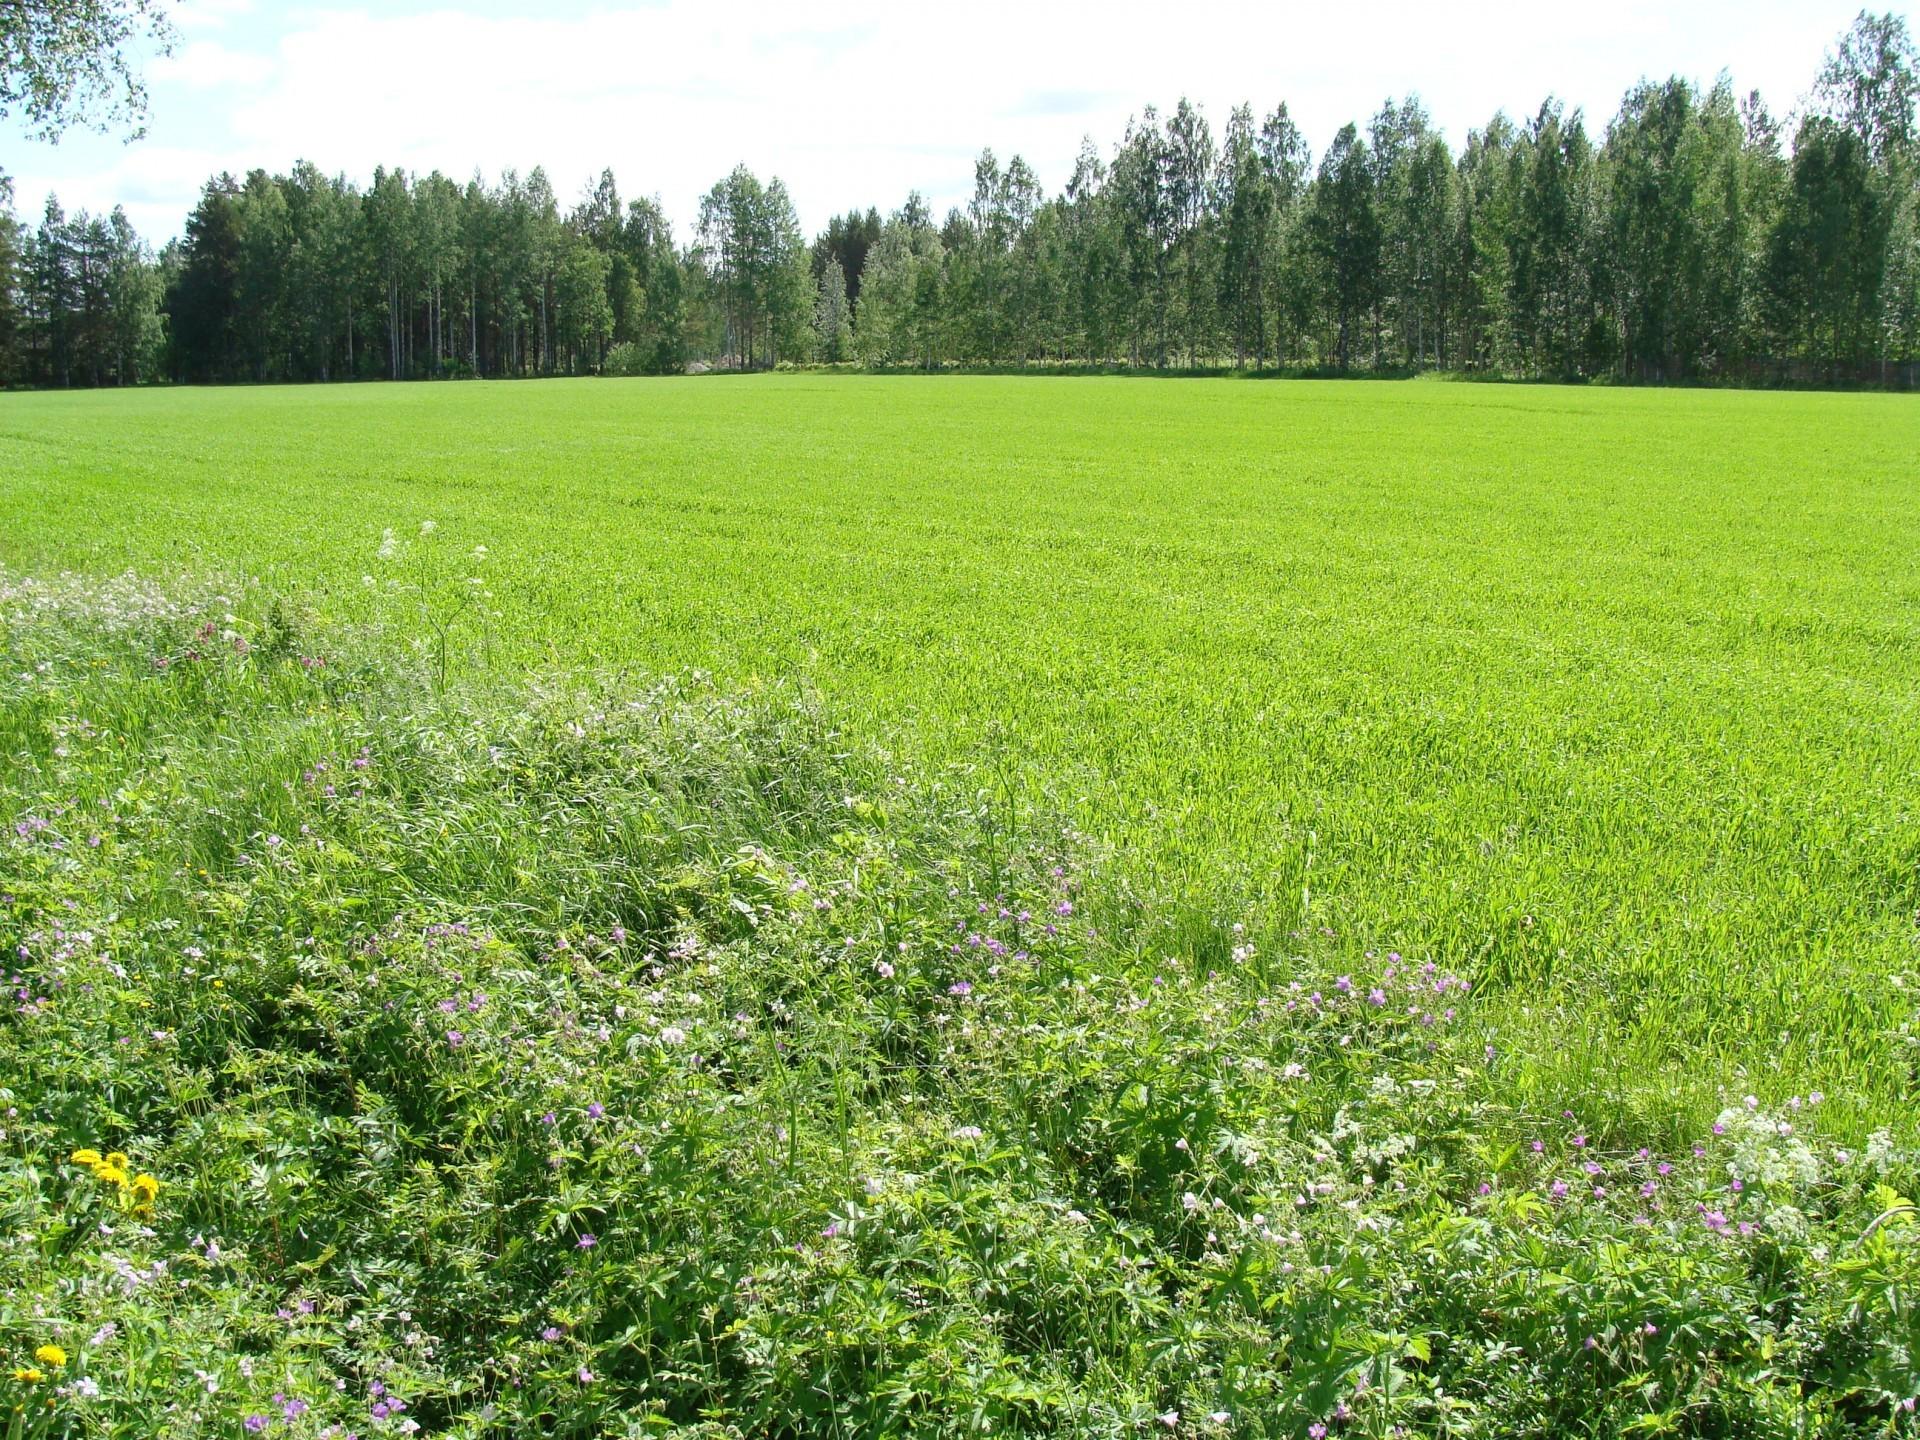 Nykypäivän tehomaatalus on heikentänyt ruislinnun pesintämahdollisuuksia myös Paltaniemen pelloilla.